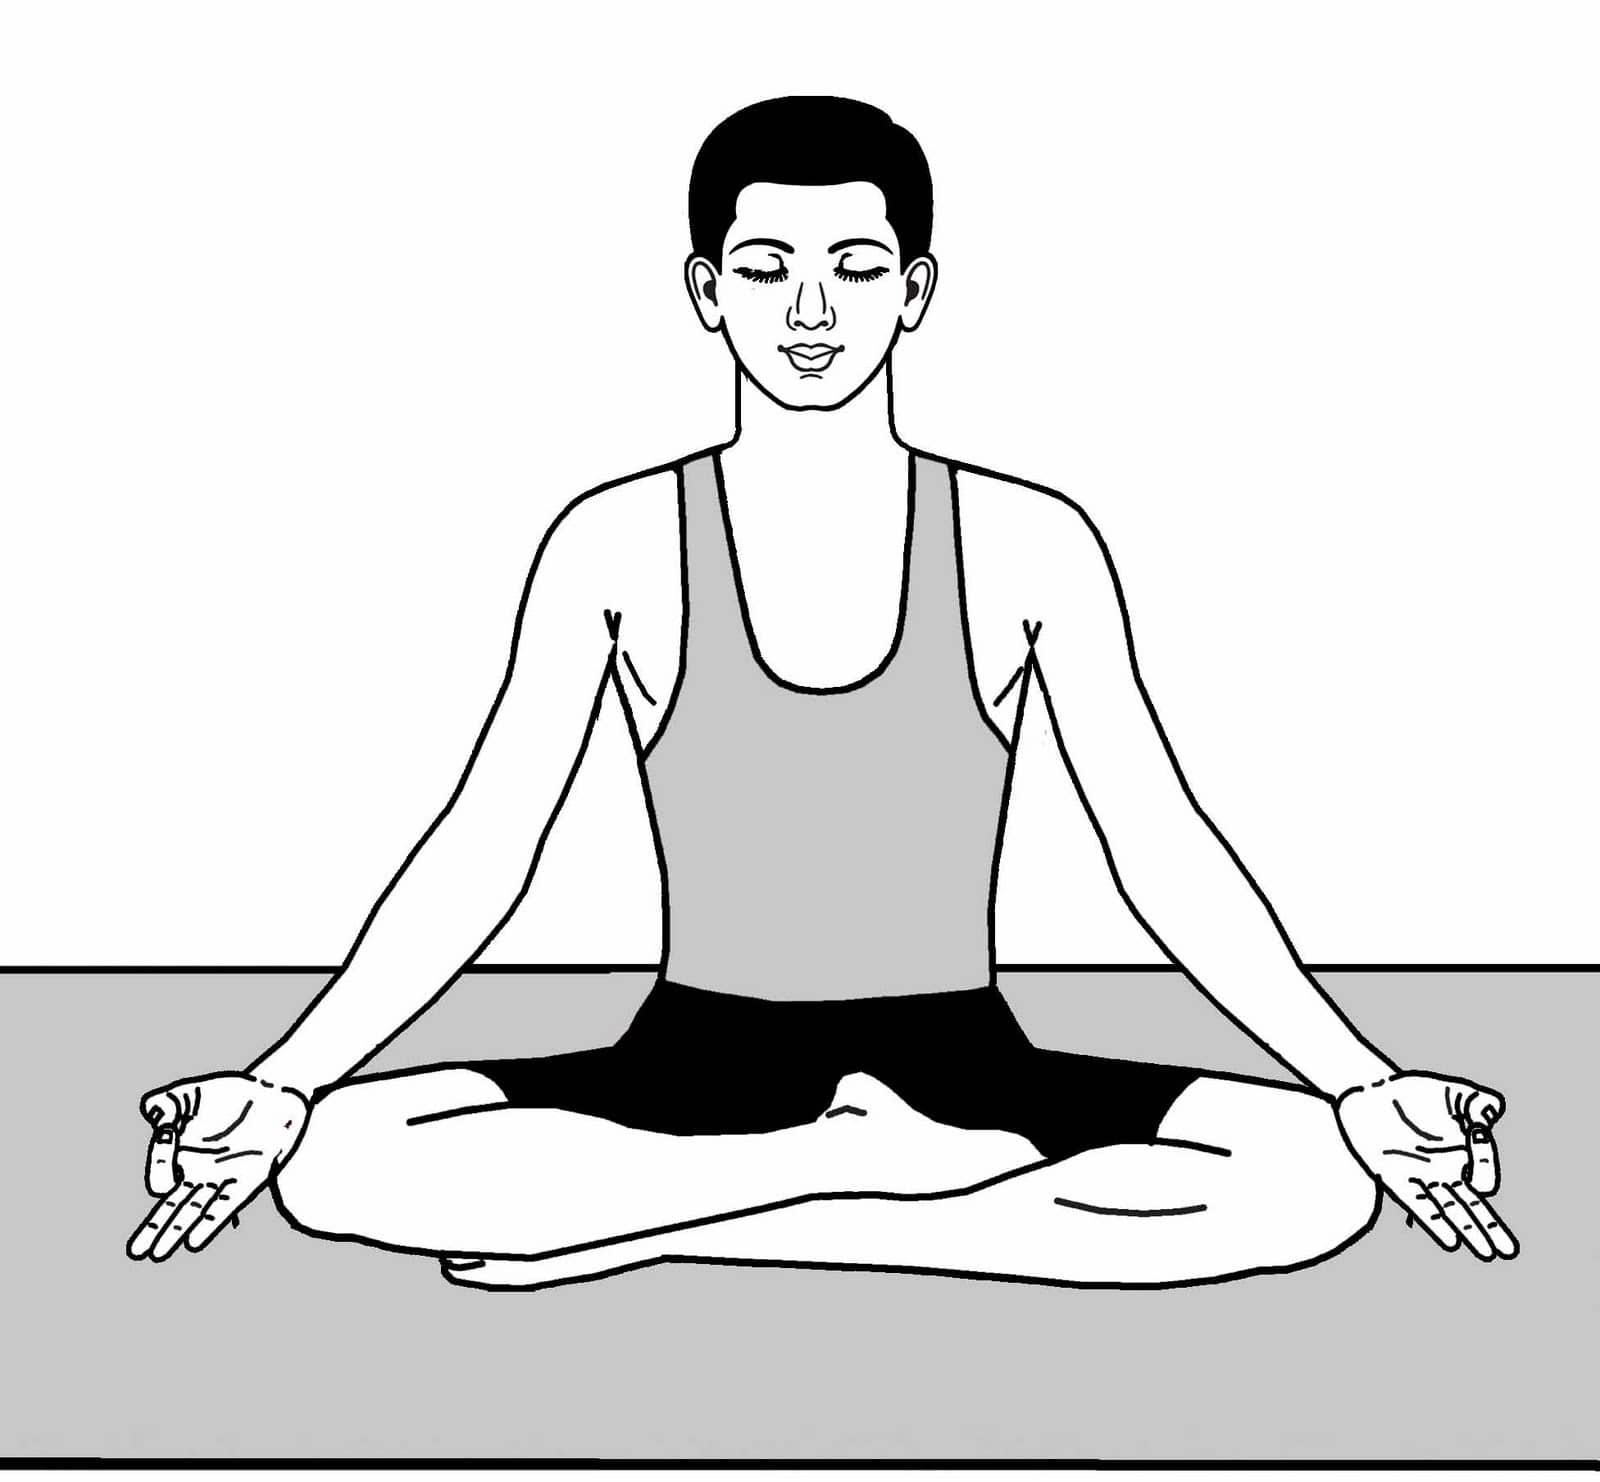 Техника выполнения полного йоговского дыхания: польза и вред, а также видео-инструкция